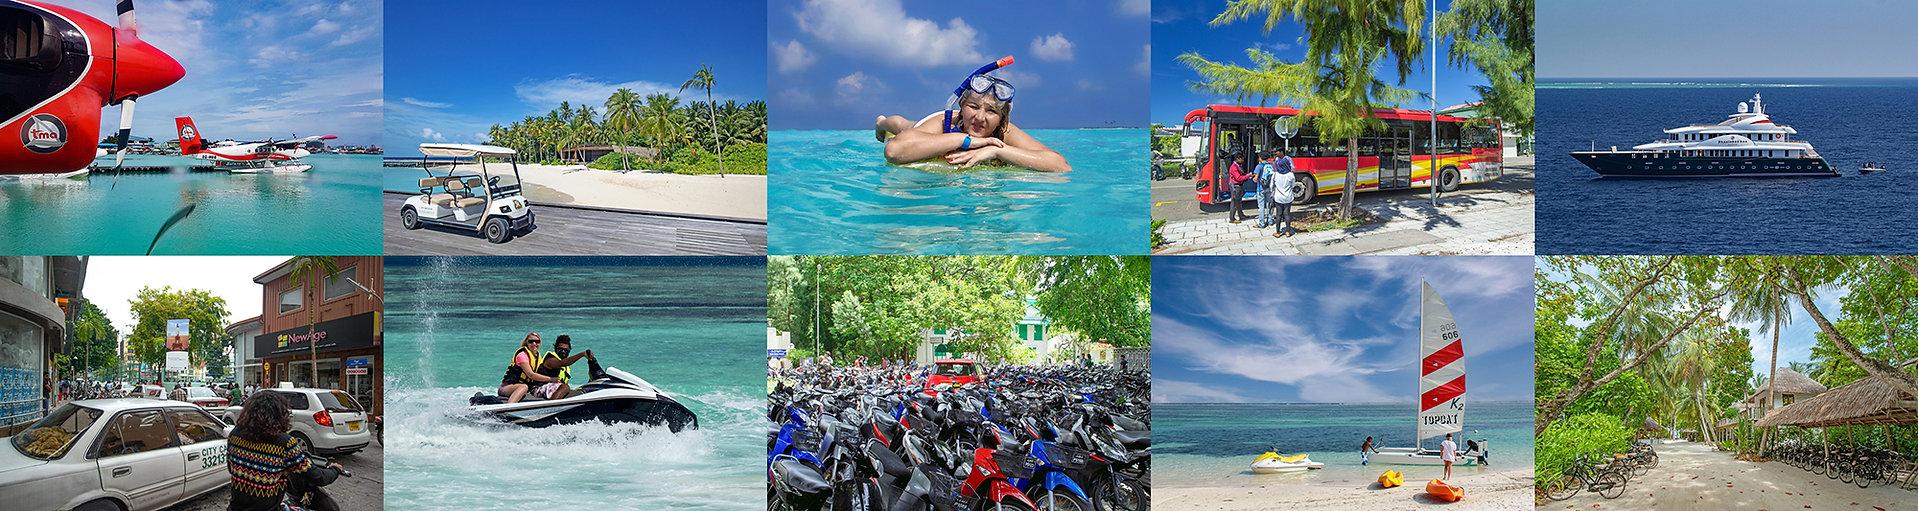 Pronájem dopravních prostředků na Maledivách